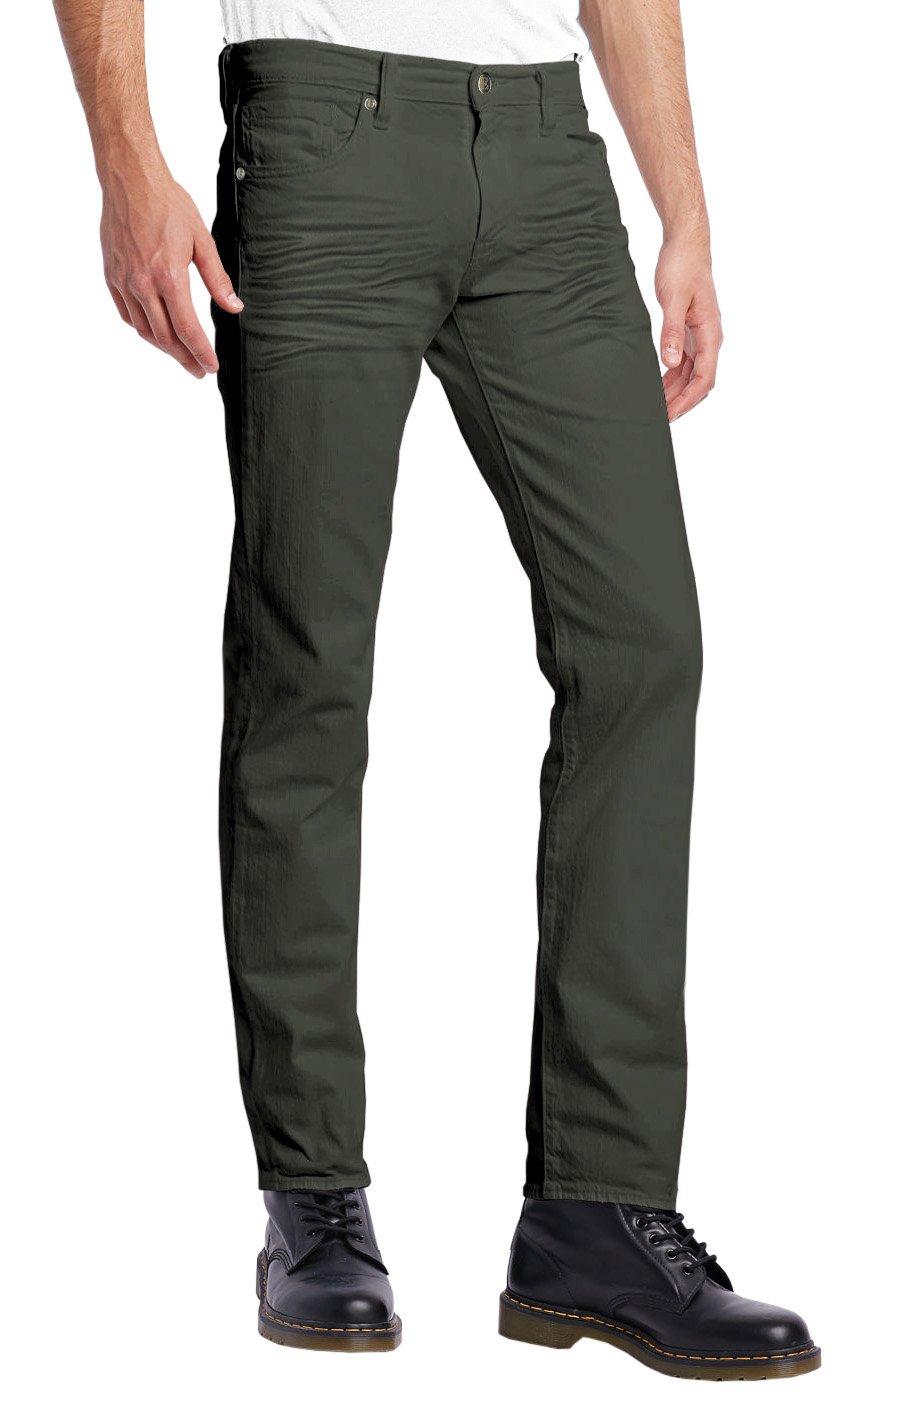 ETHANOL Mens Stretch Jeans-APL26123SK-PK16-OLIVE-32